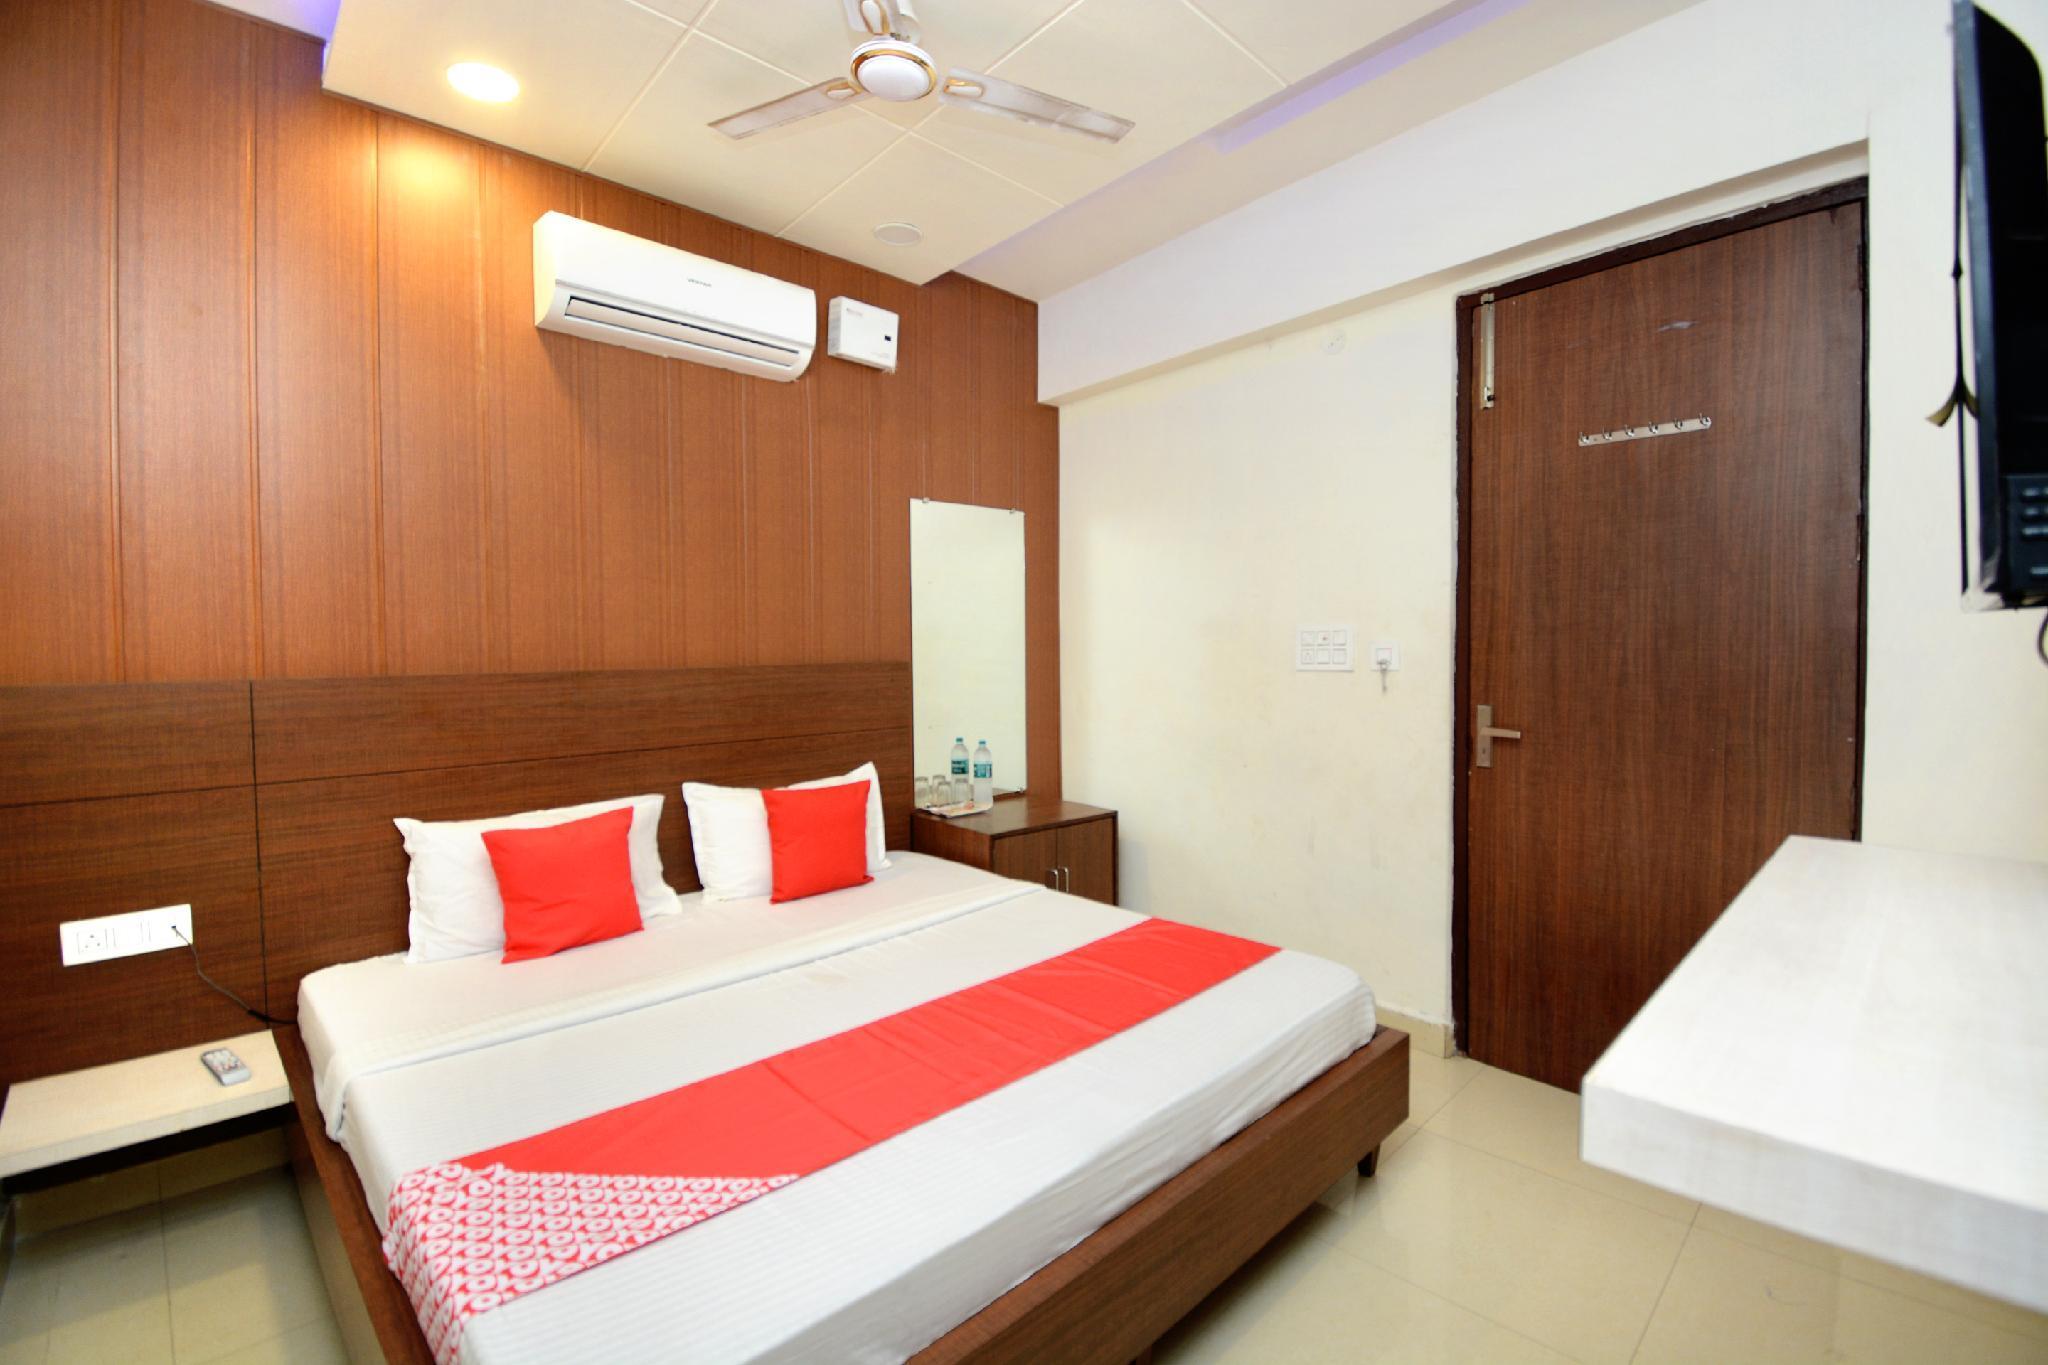 OYO 40504 Hotel Avtar Residency